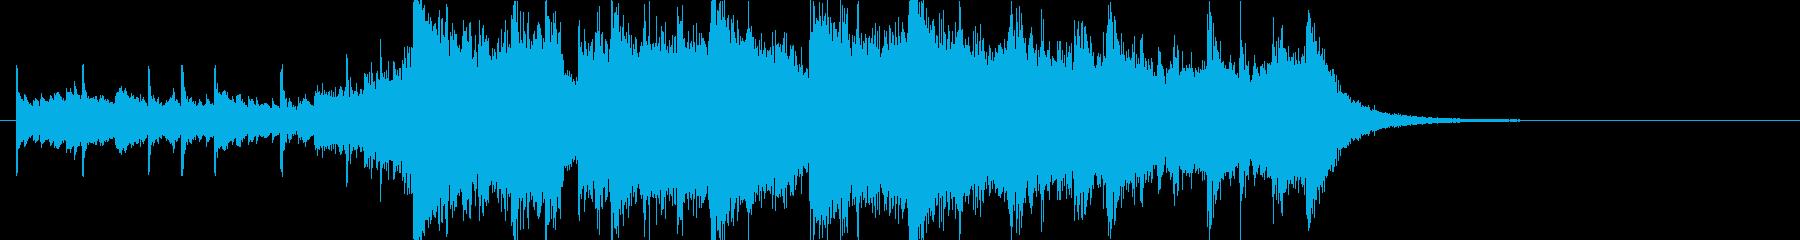 幻想的で壮大なオーケストラOPジングルaの再生済みの波形